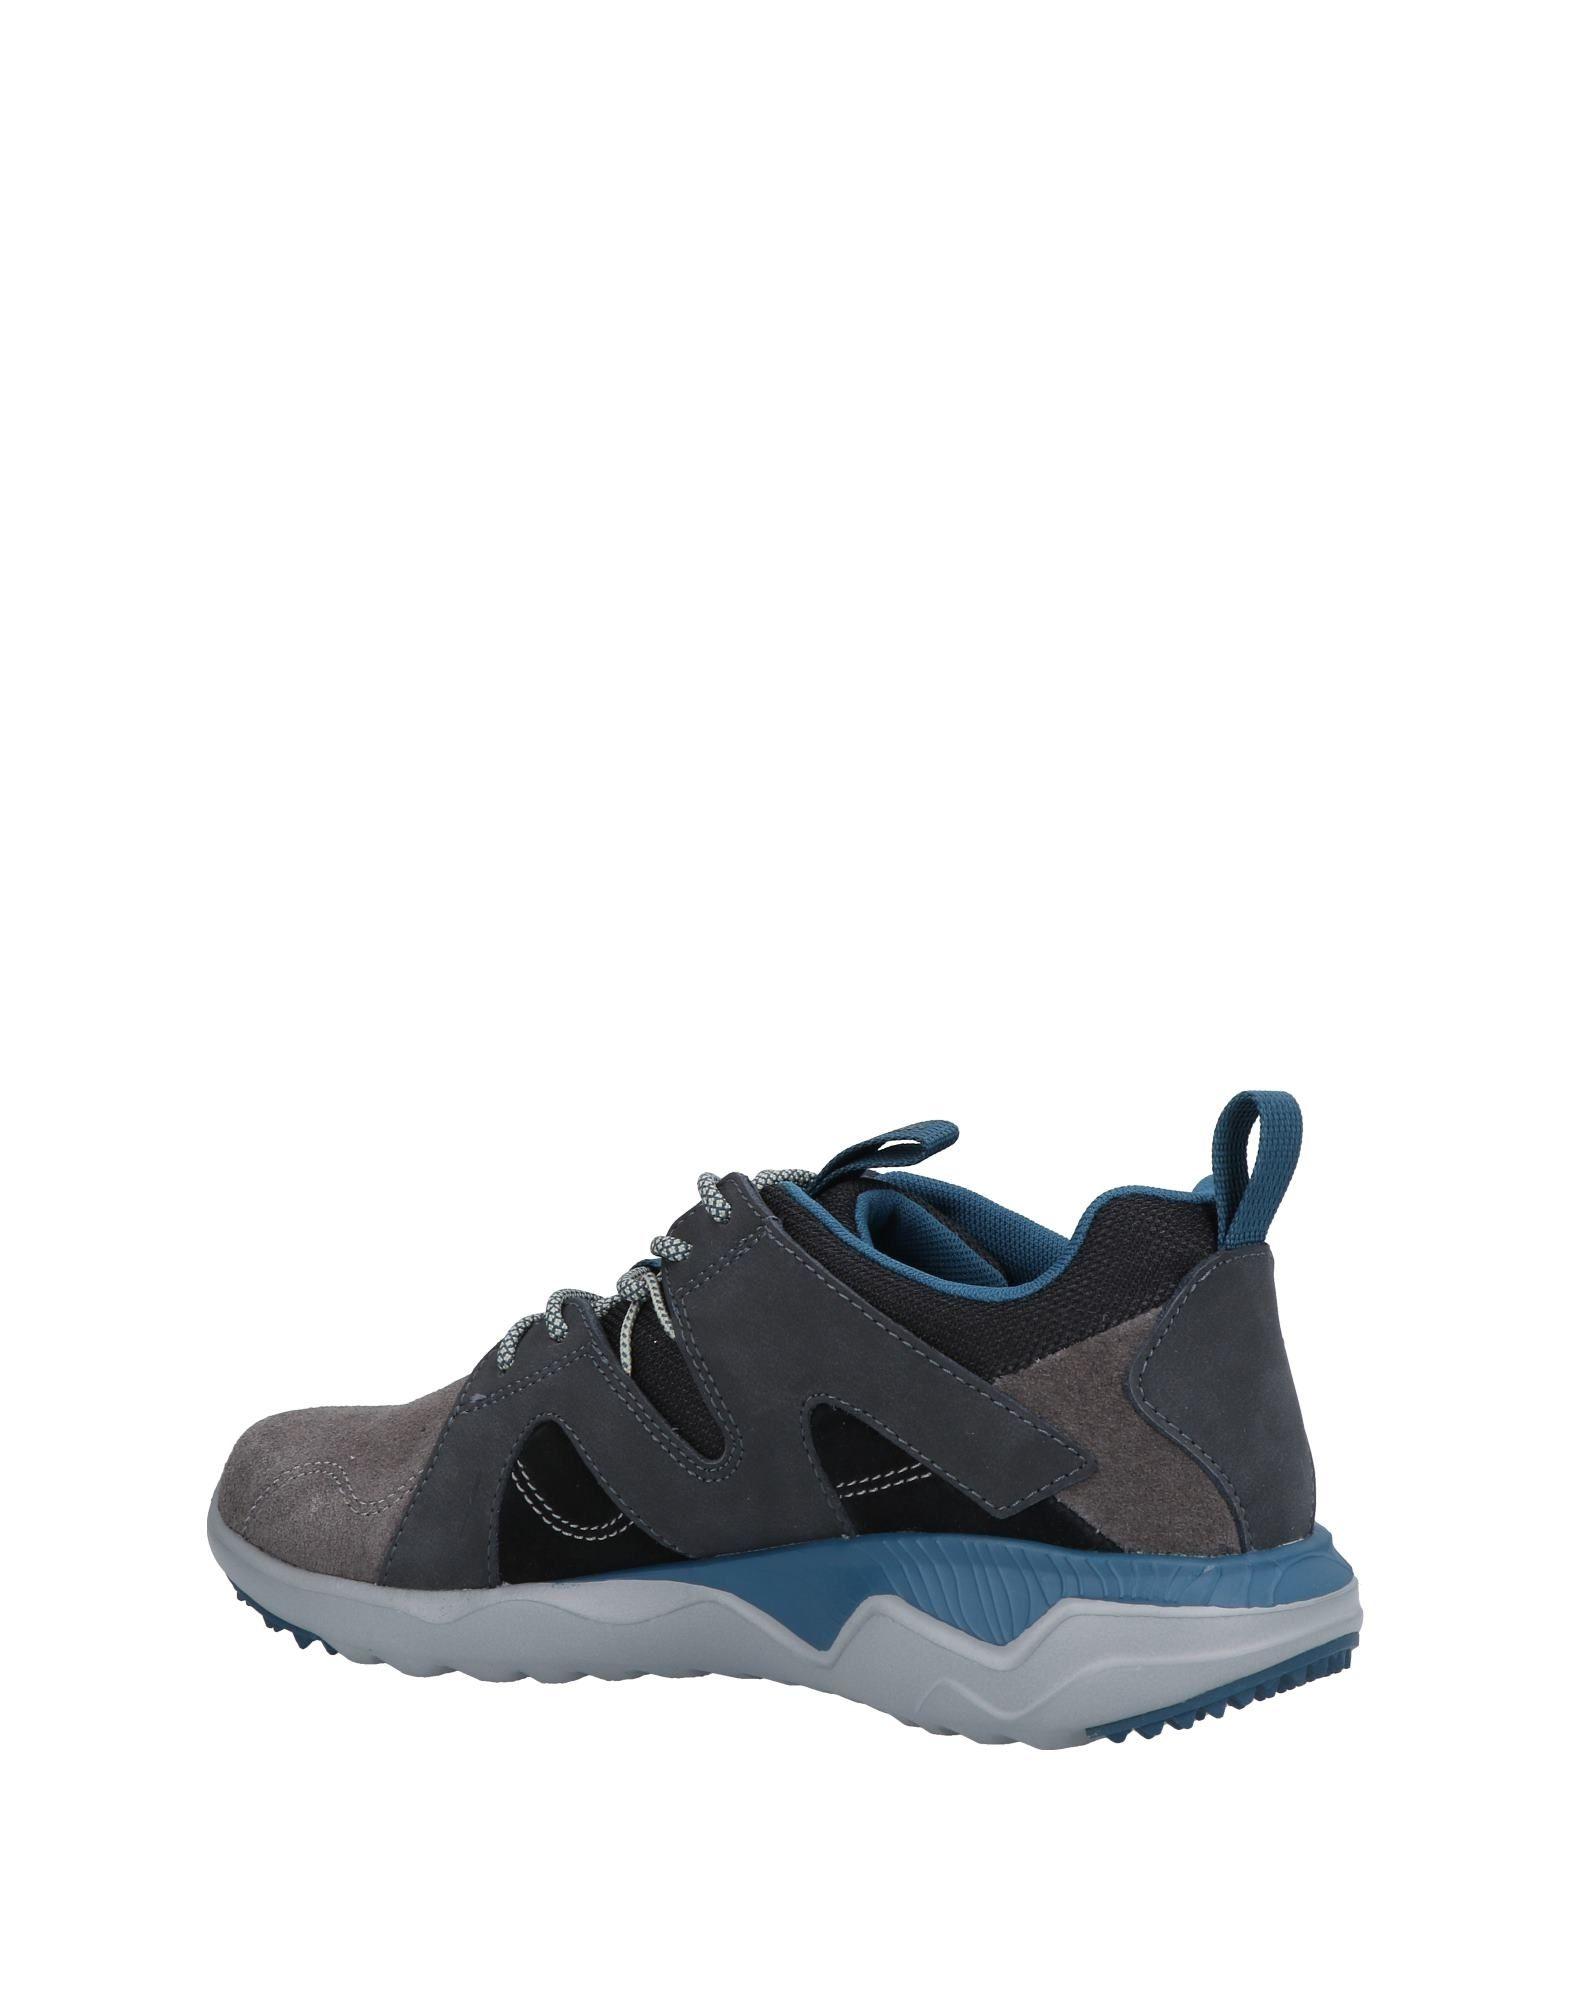 Merrell Sneakers - Men Men Men Merrell Sneakers online on  United Kingdom - 11458998VG d61783